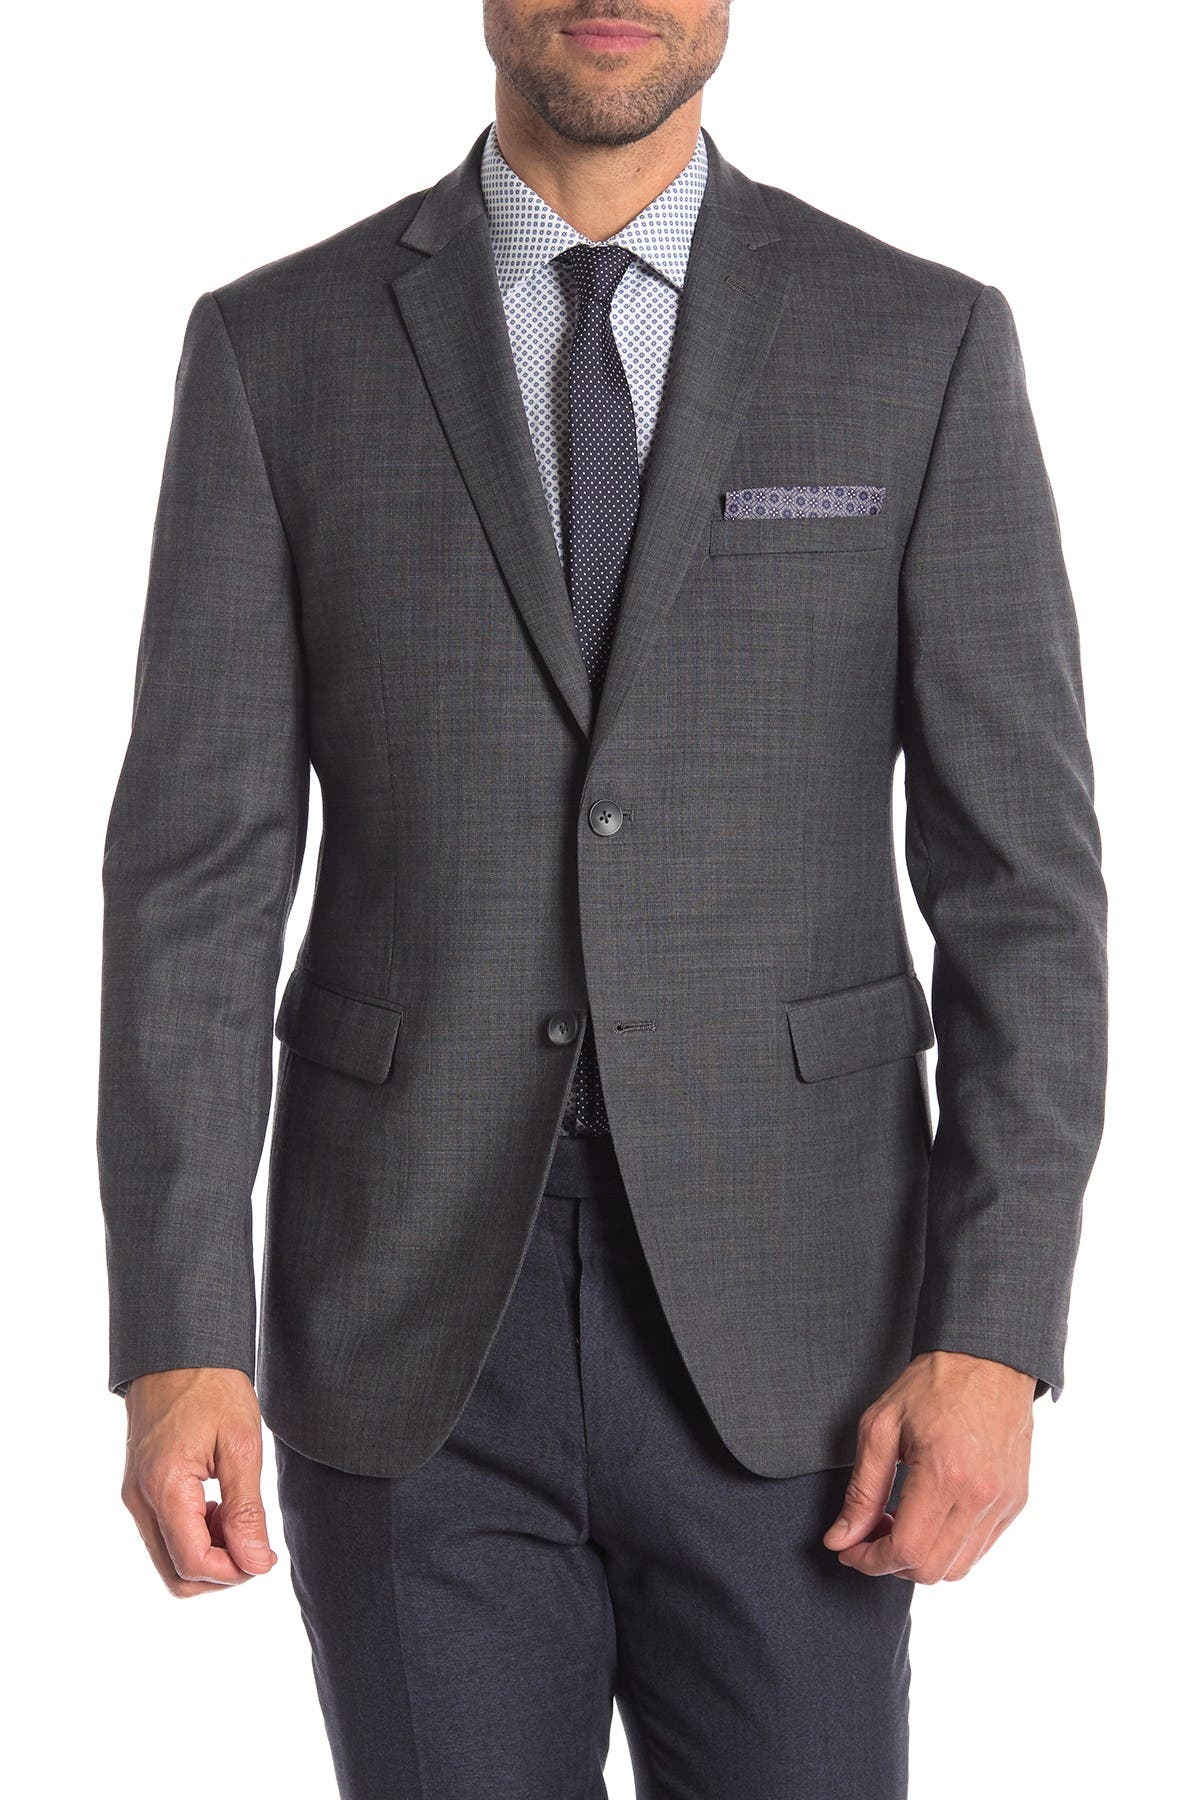 Image of Original Penguin Charcoal Solid Two Button Notch Lapel Trim Fit Suit Separates Jacket